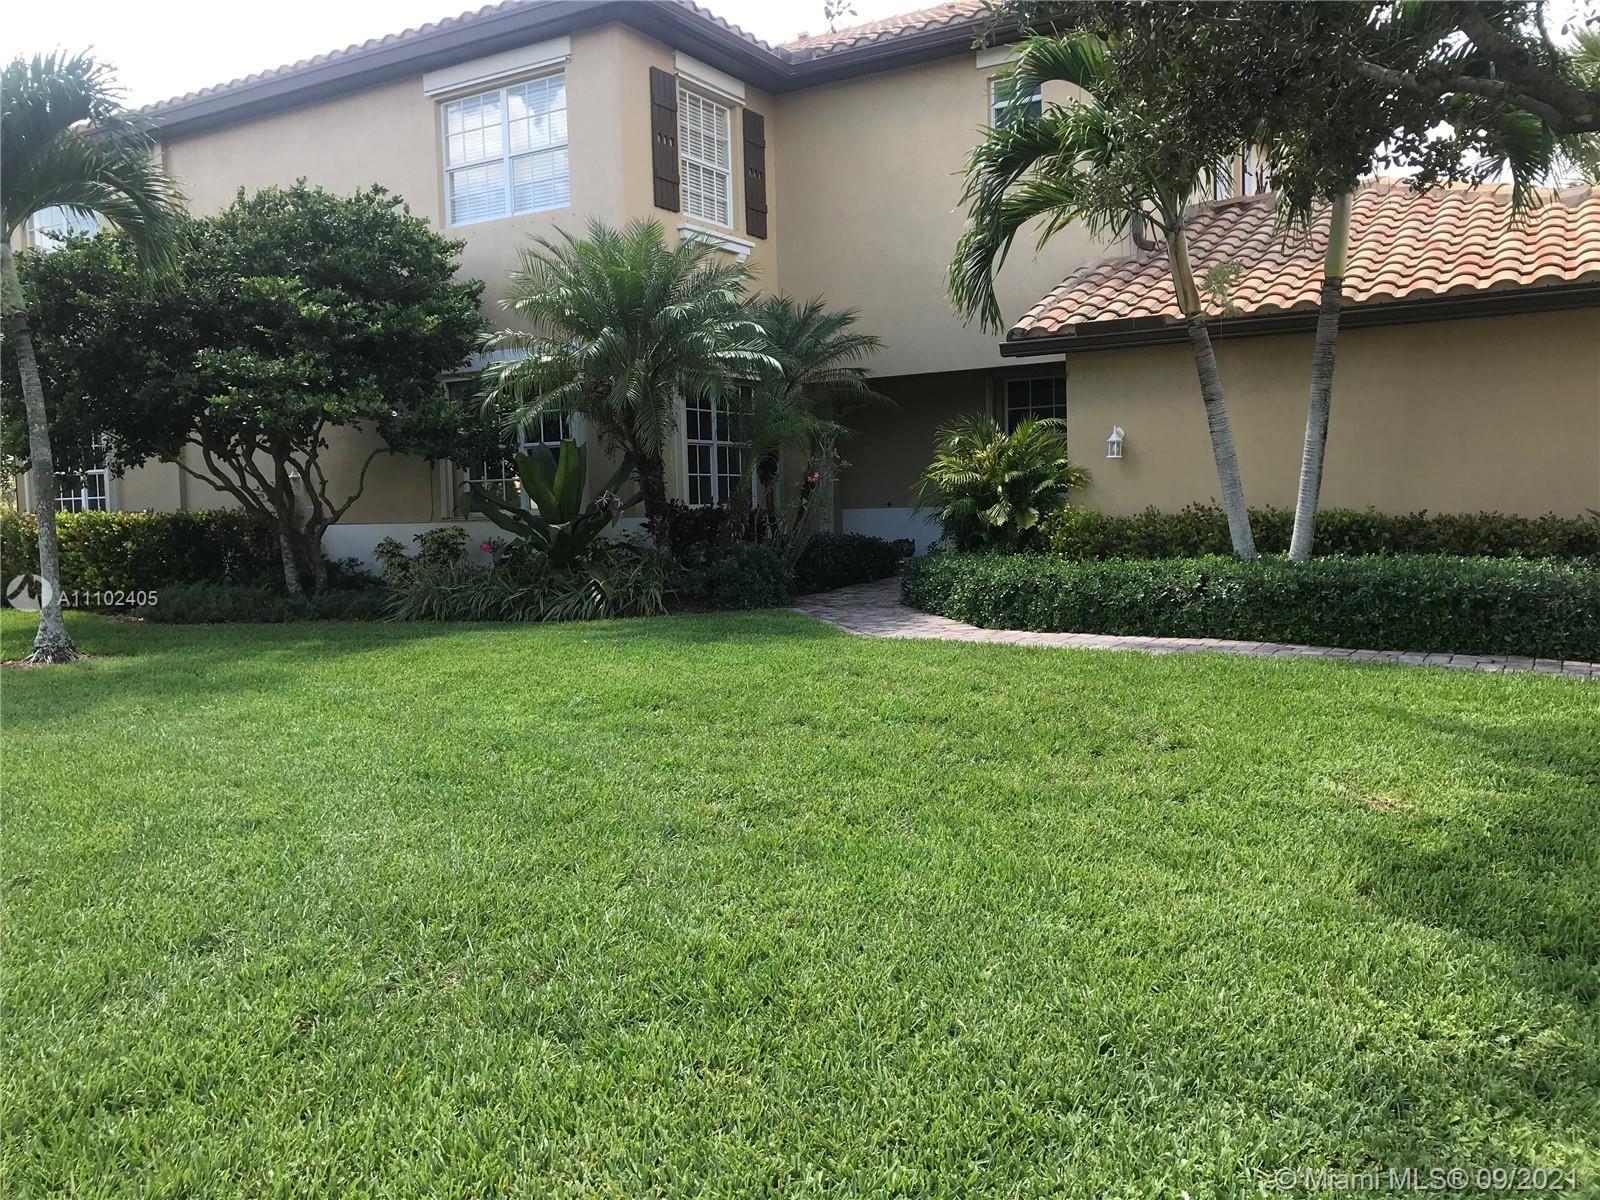 12732 NW 83rd Ct #35-A, Parkland, FL 33076 - #: A11102405